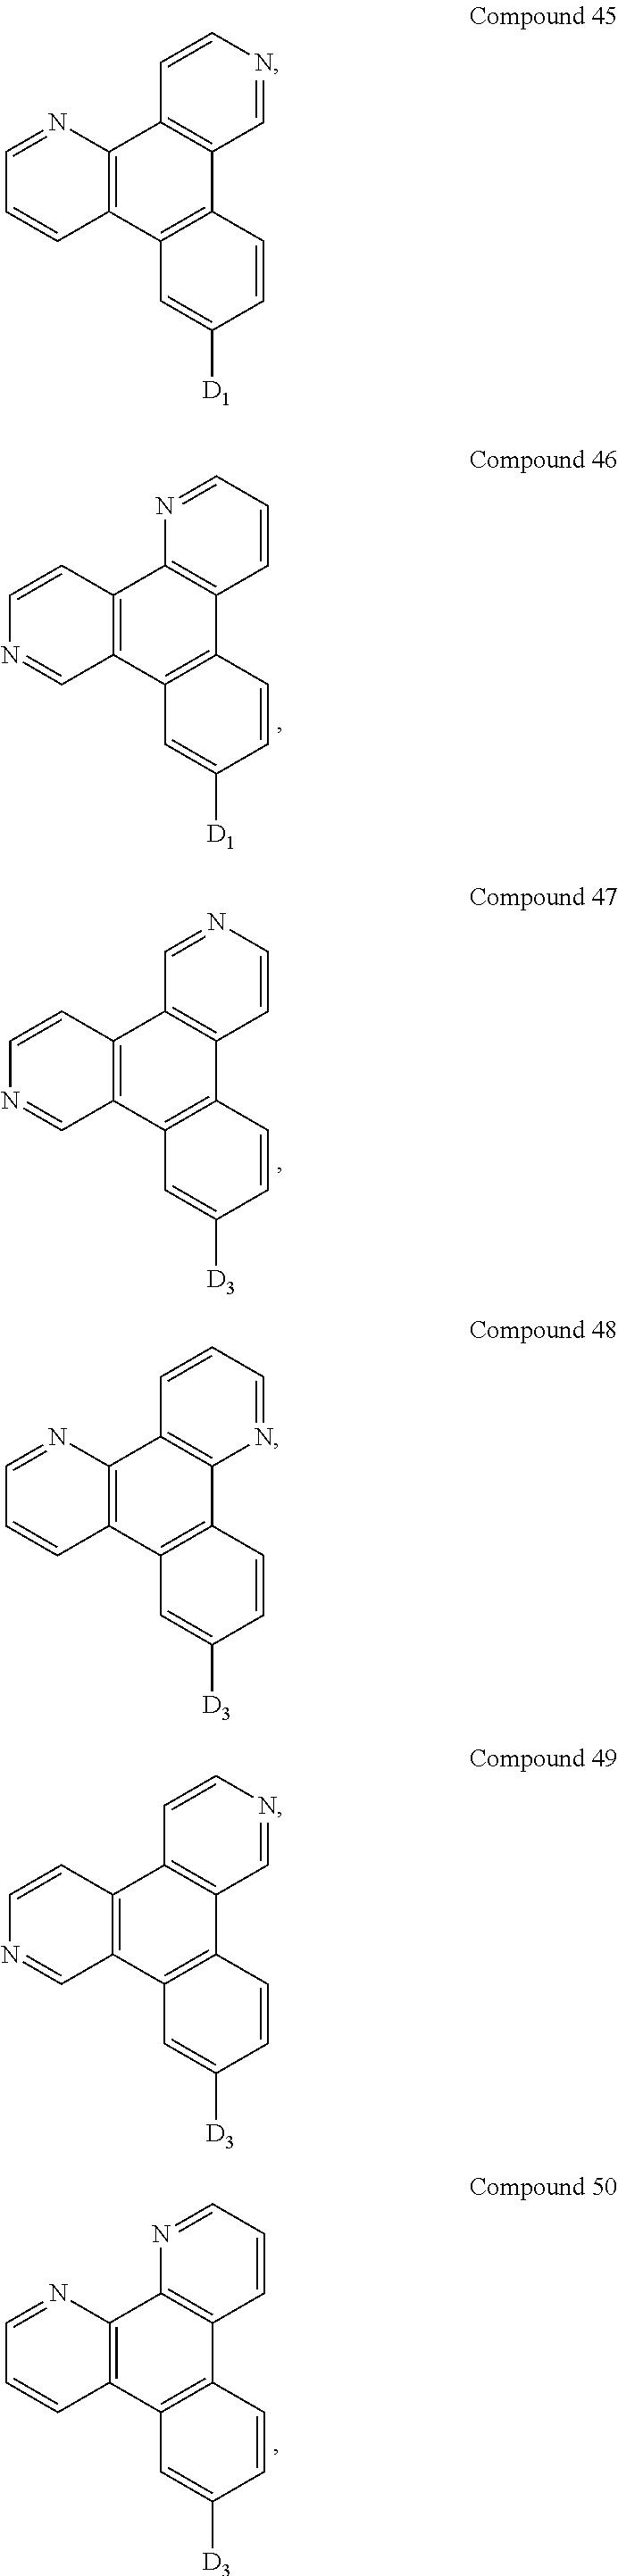 Figure US09537106-20170103-C00169